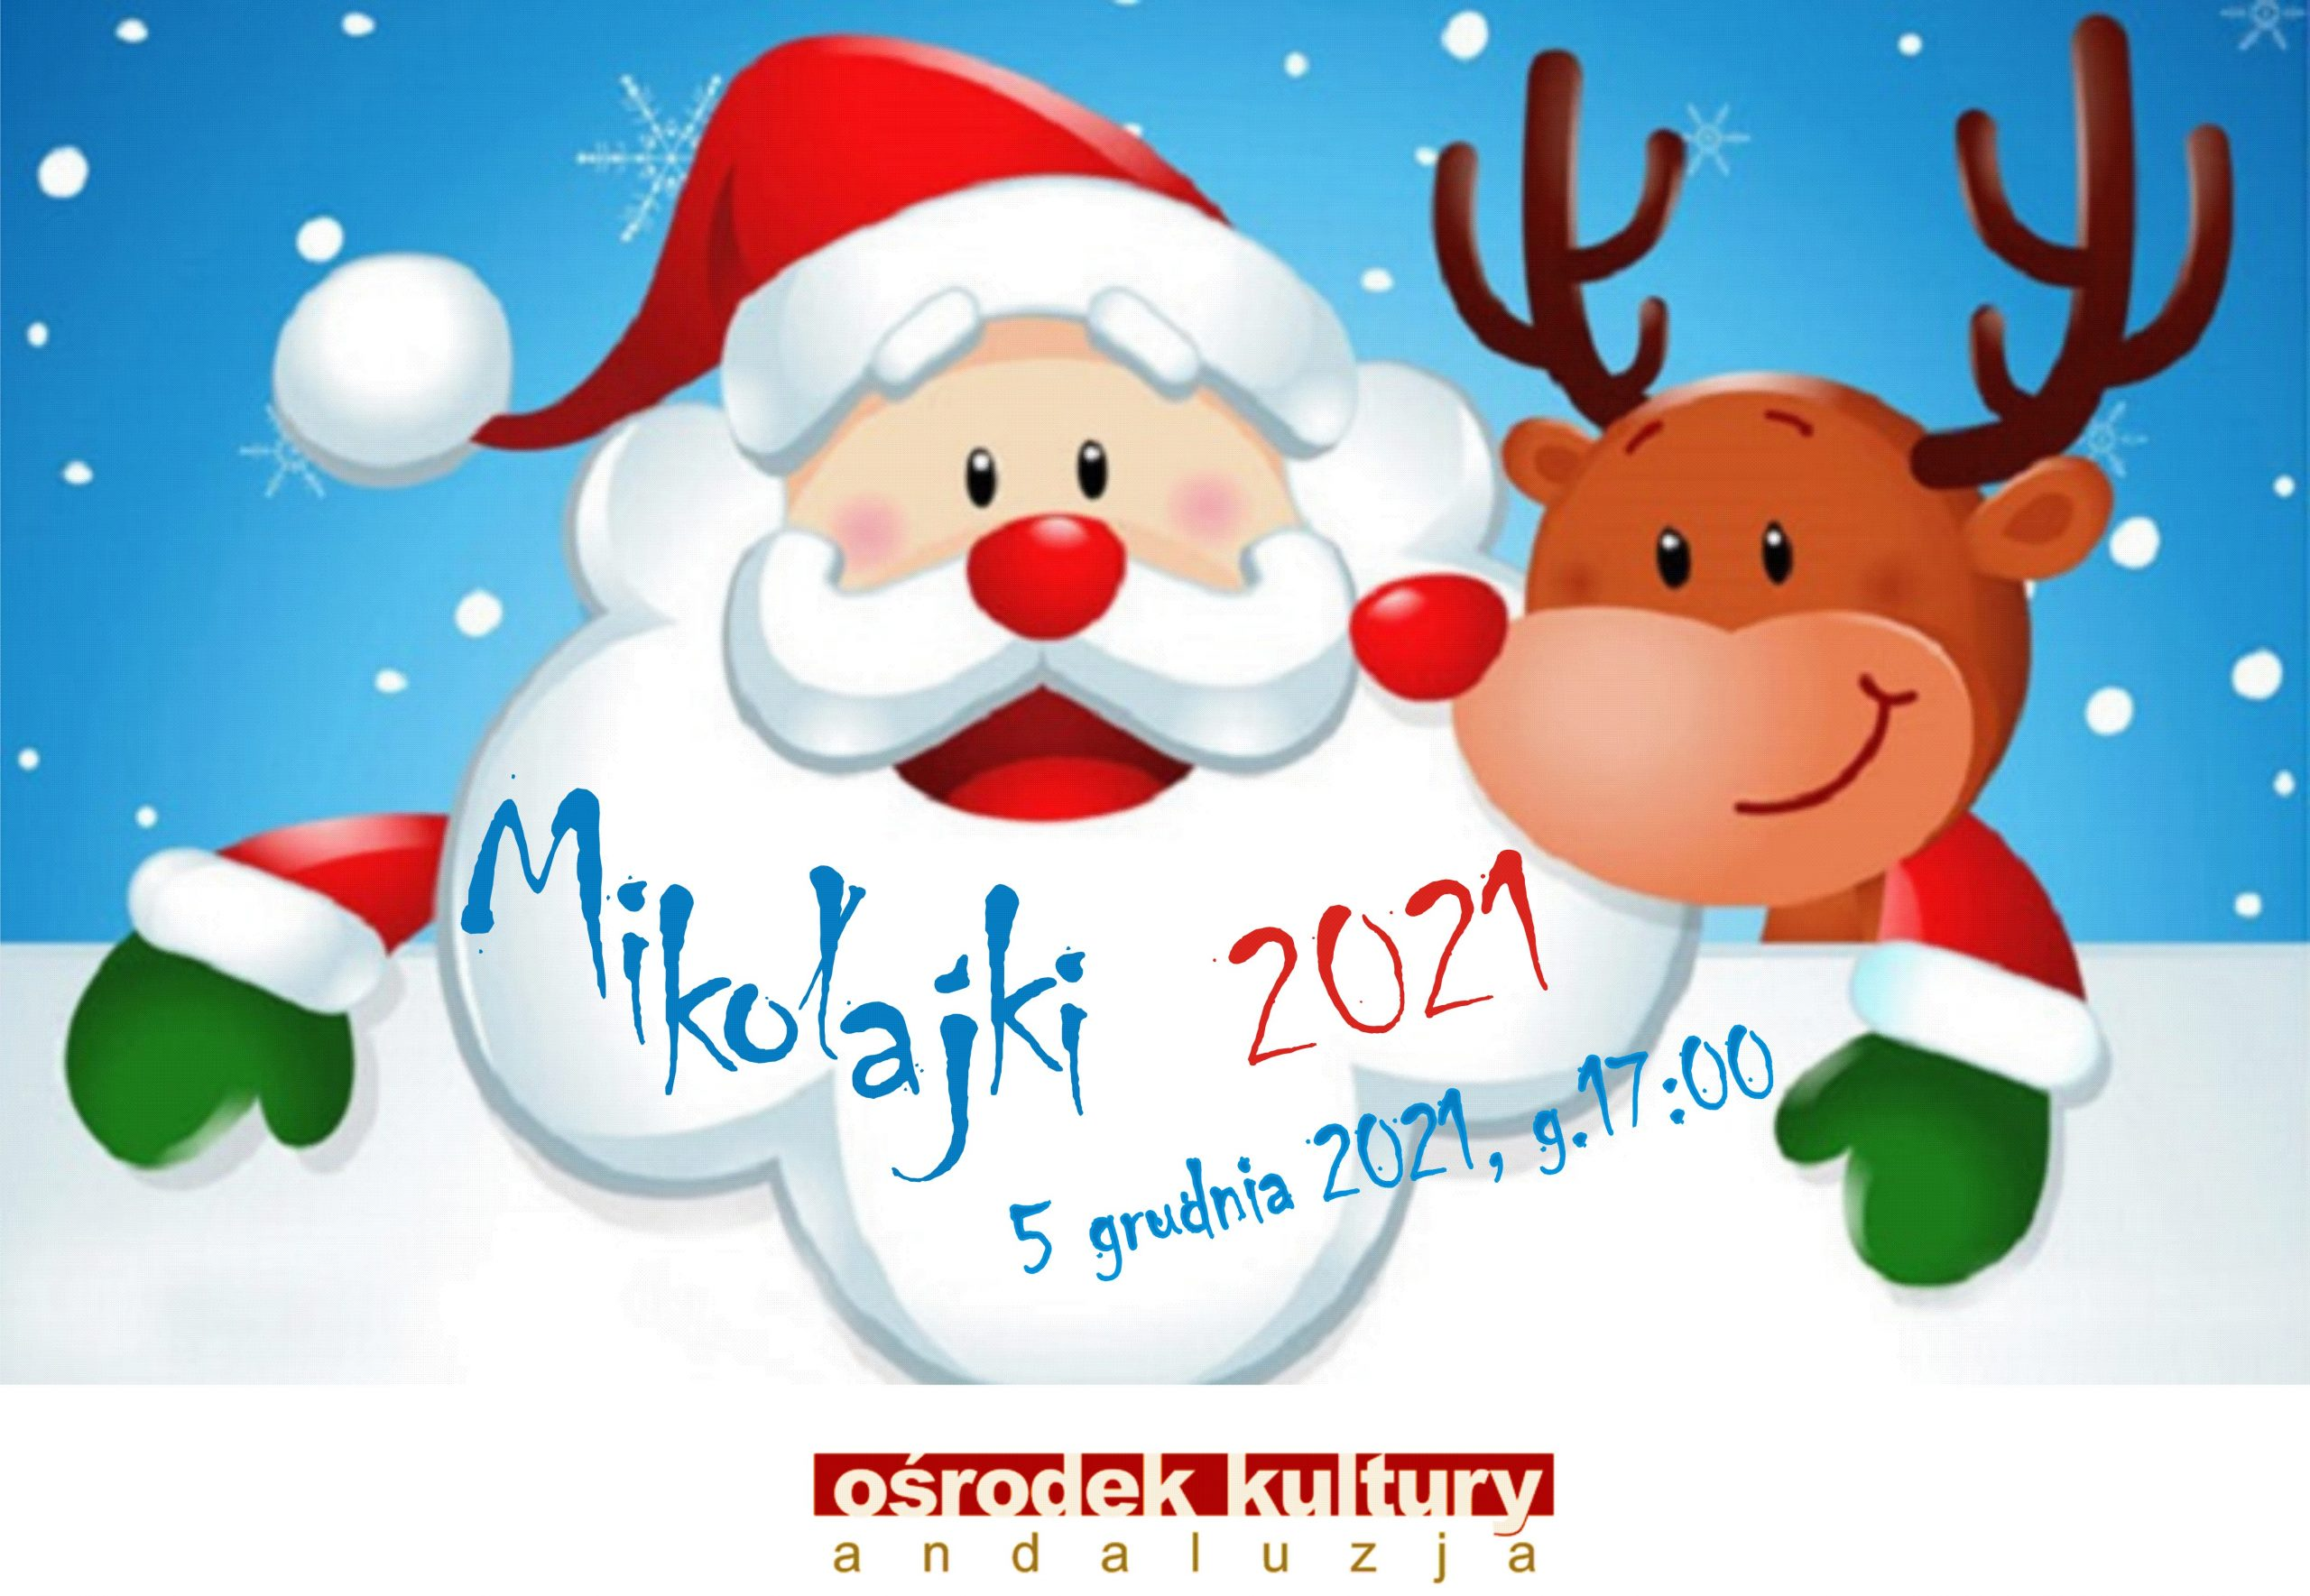 Mikołajki 2021